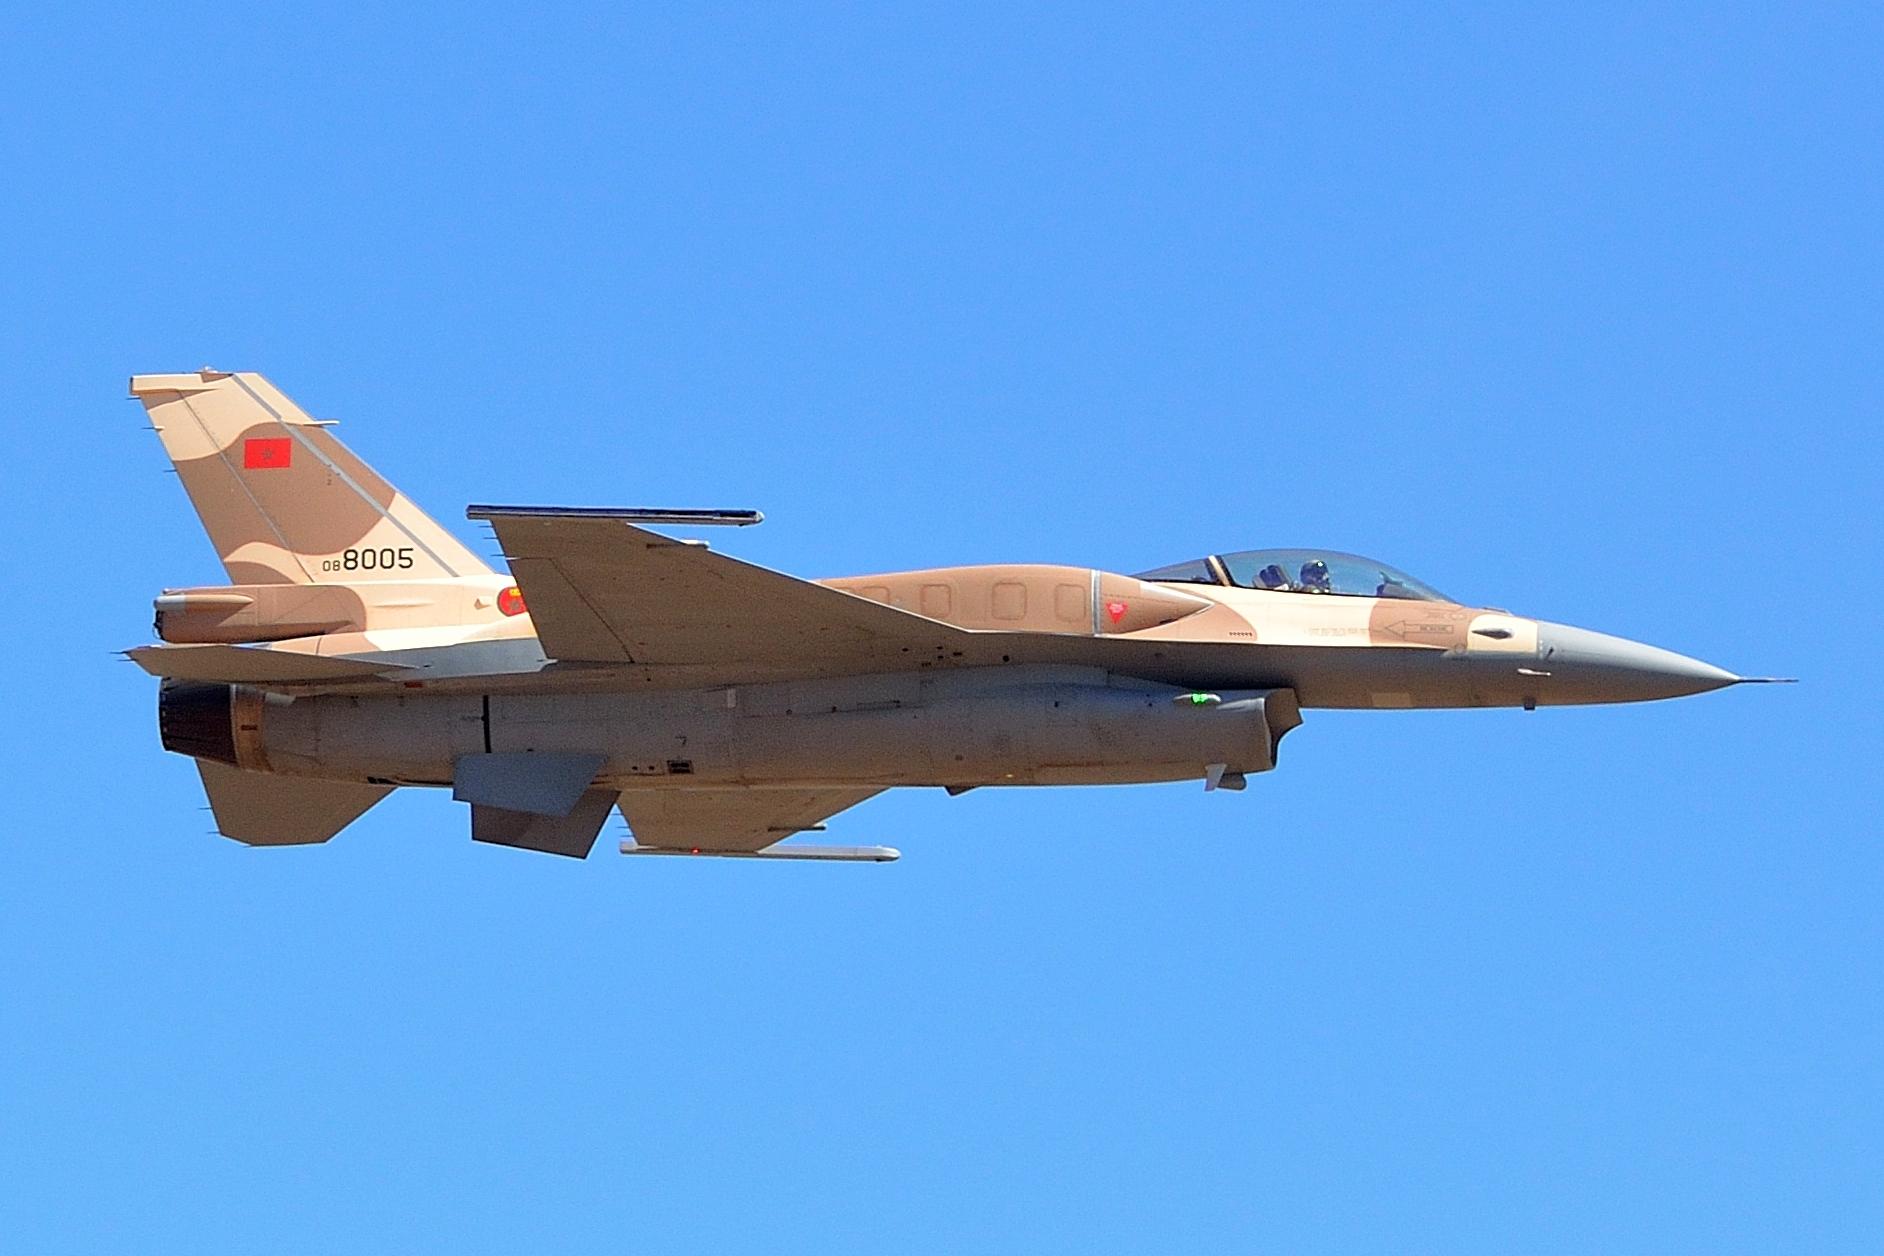 Moroccan F-16 Atlas Falcon / RMAF F16 block 52+ - Page 31 32400028312_a8185e80c9_o